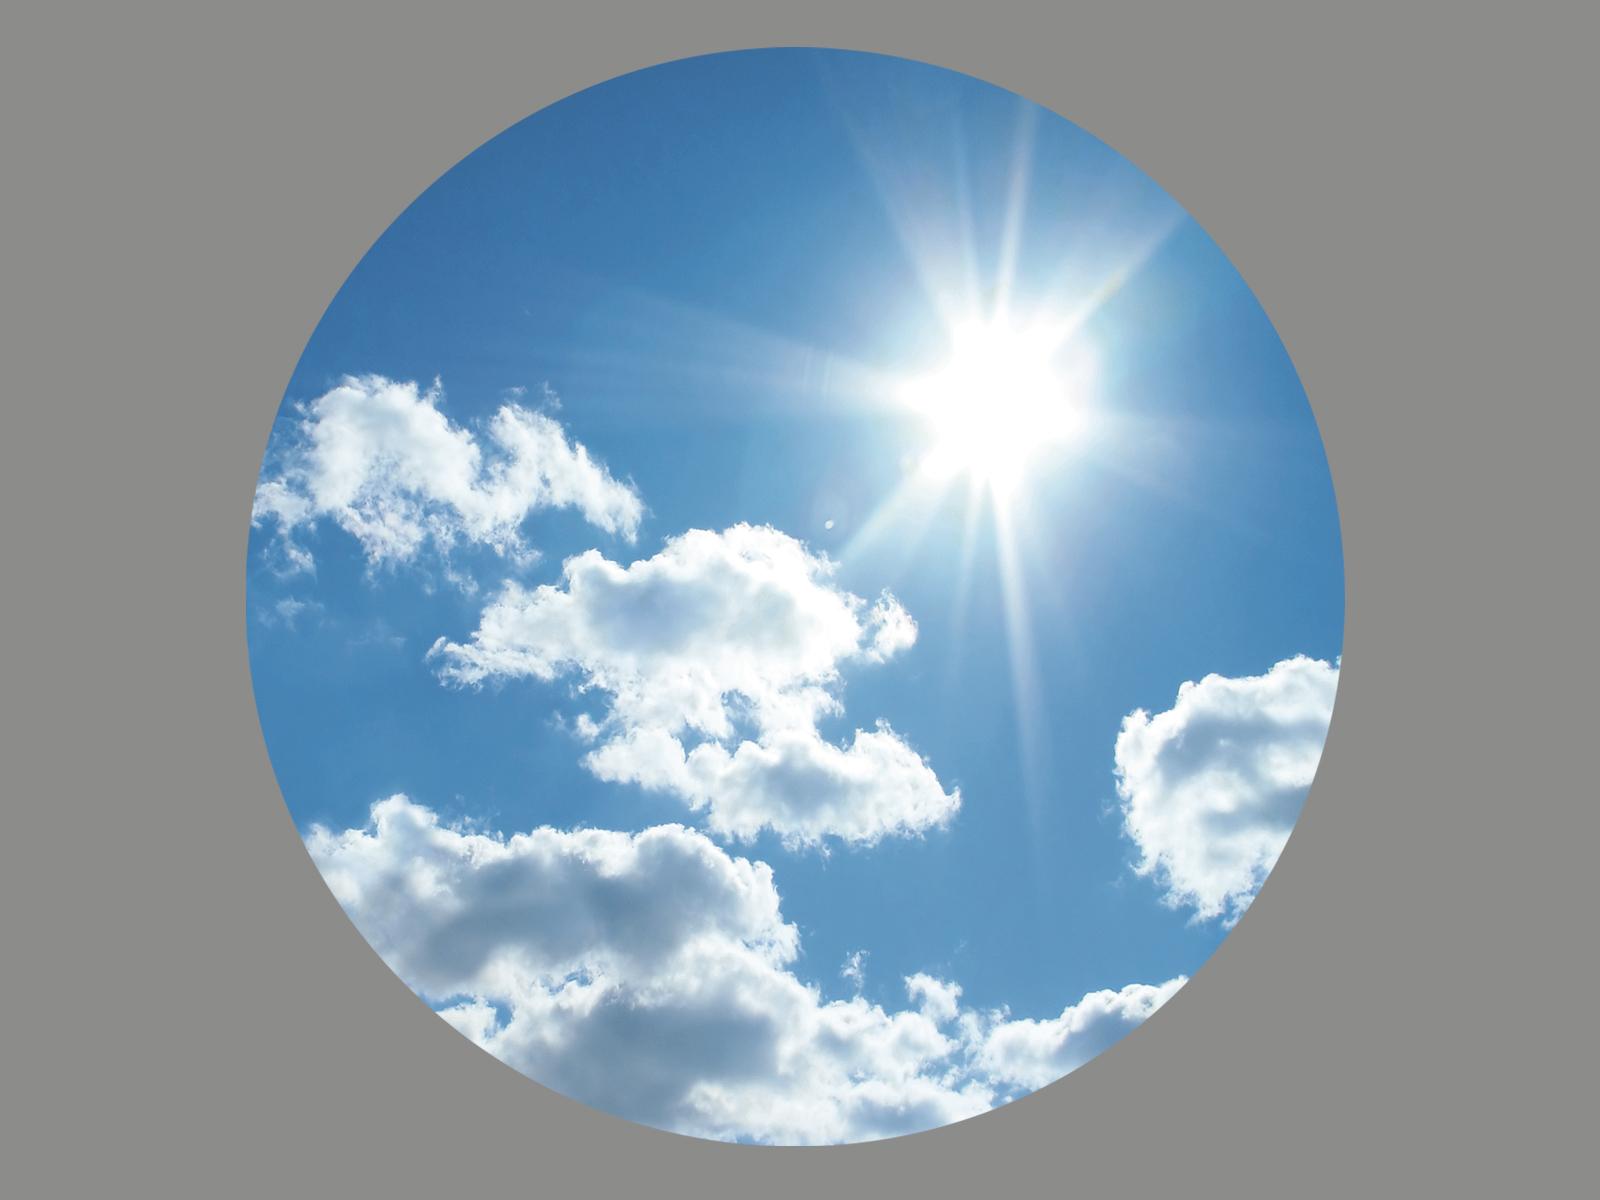 Blendermotiv Wolken